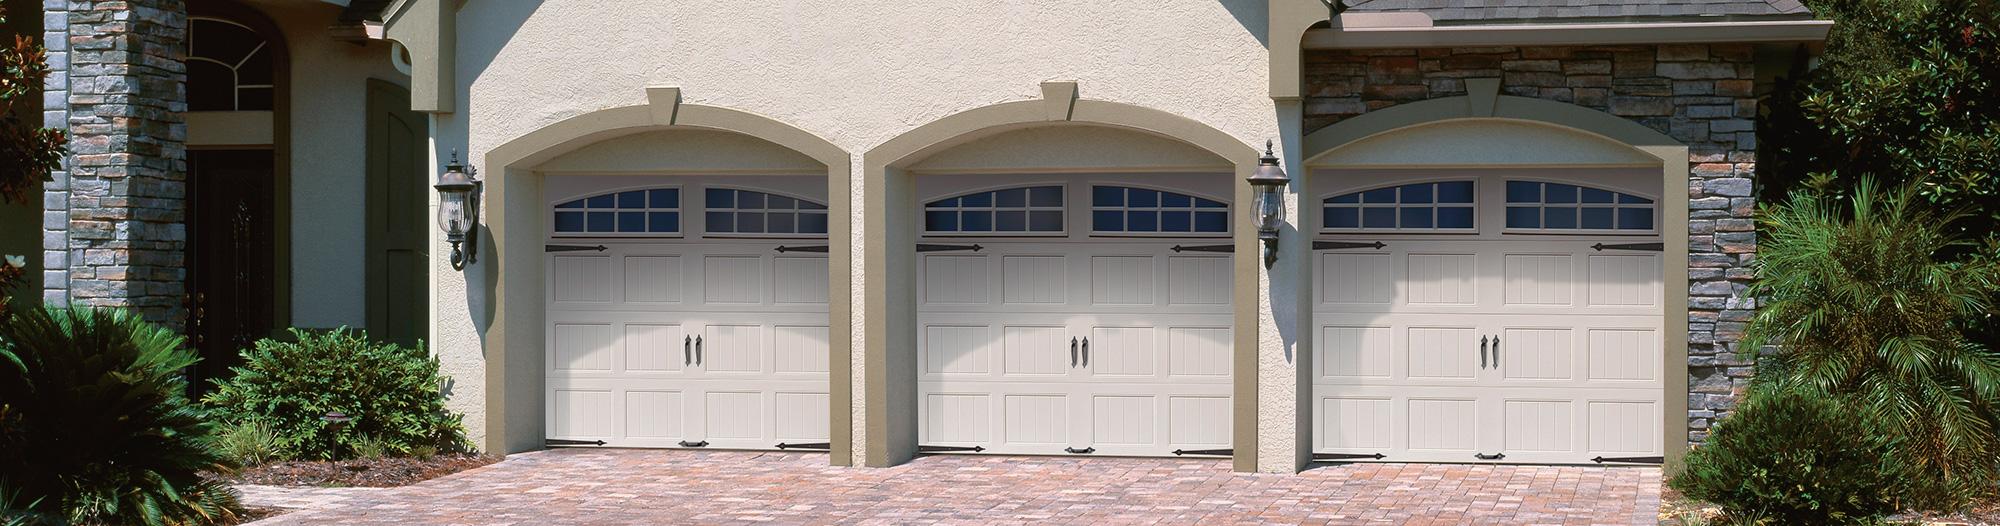 Garage Doors Nj Garage Door Repair Nj Testimonials